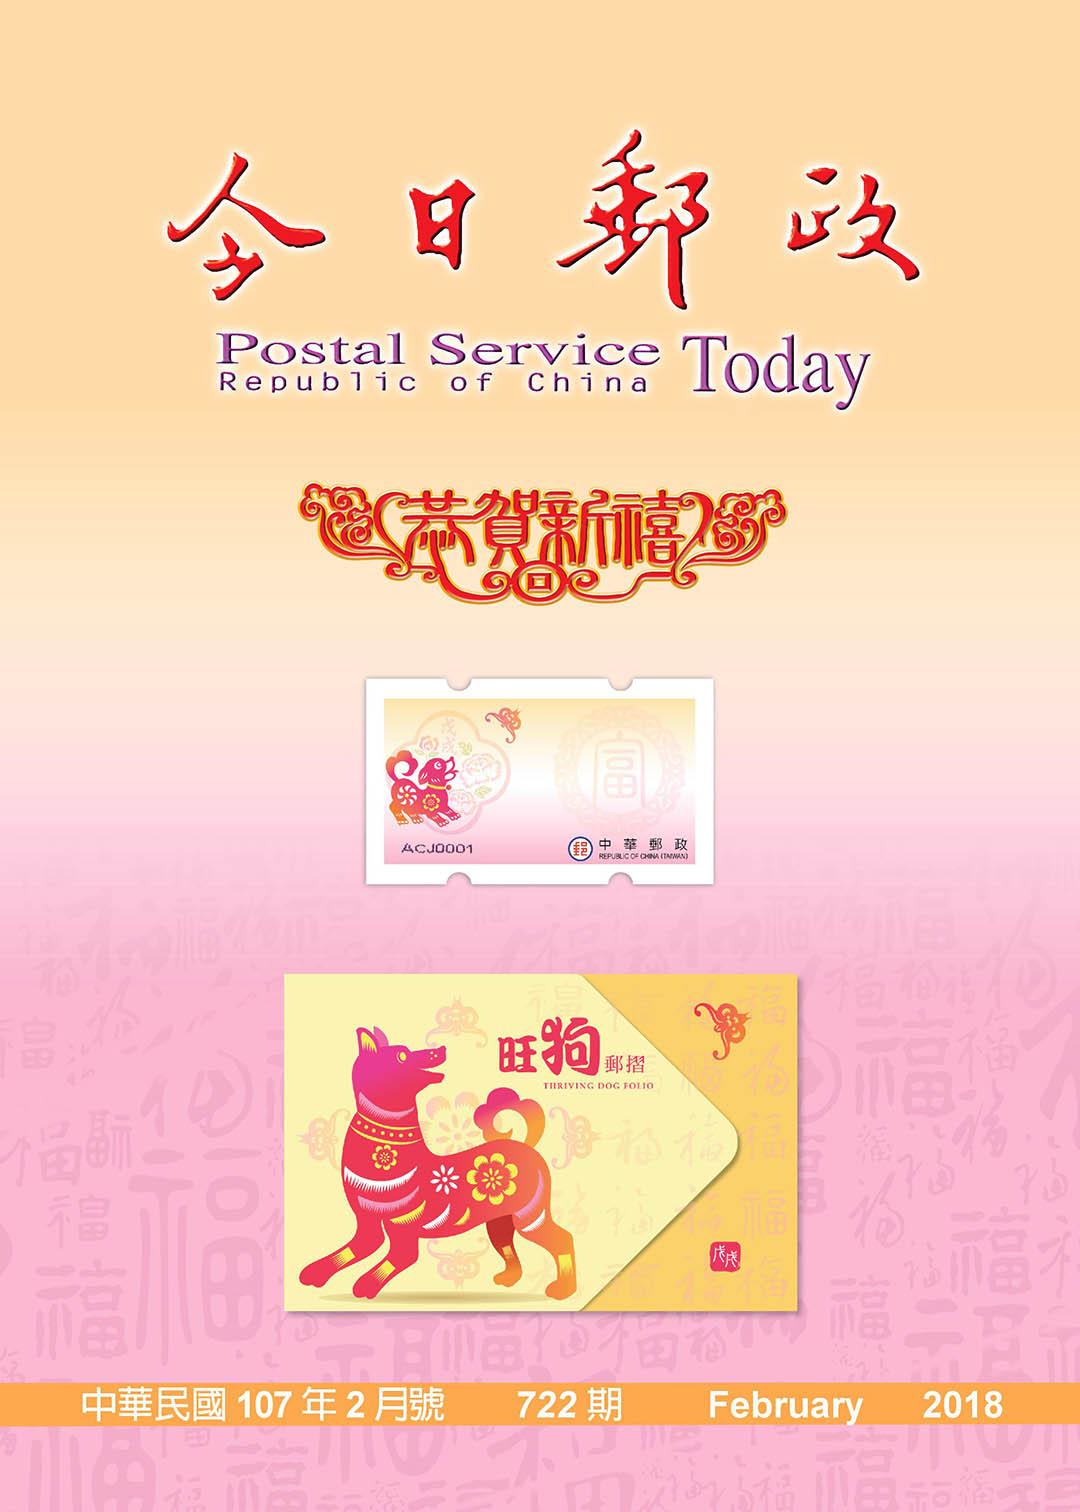 今日郵政第722期(10702)